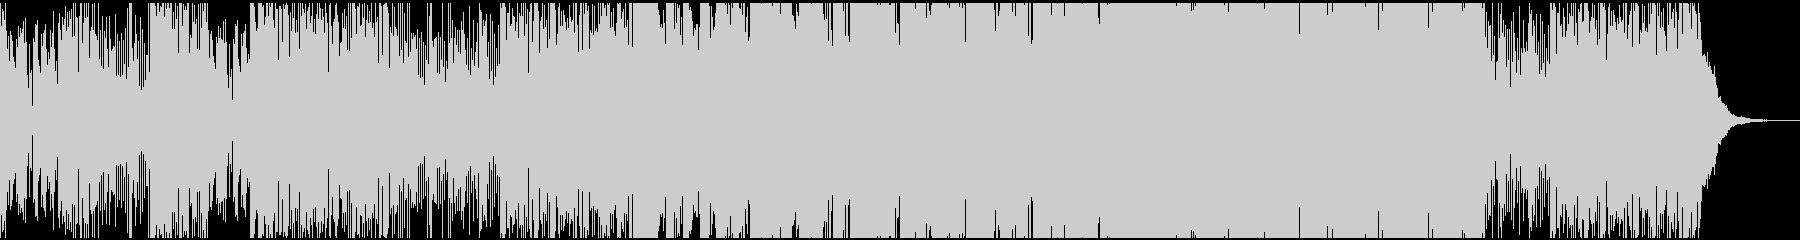 動き出す(スタートする)様子(テクノ)の未再生の波形